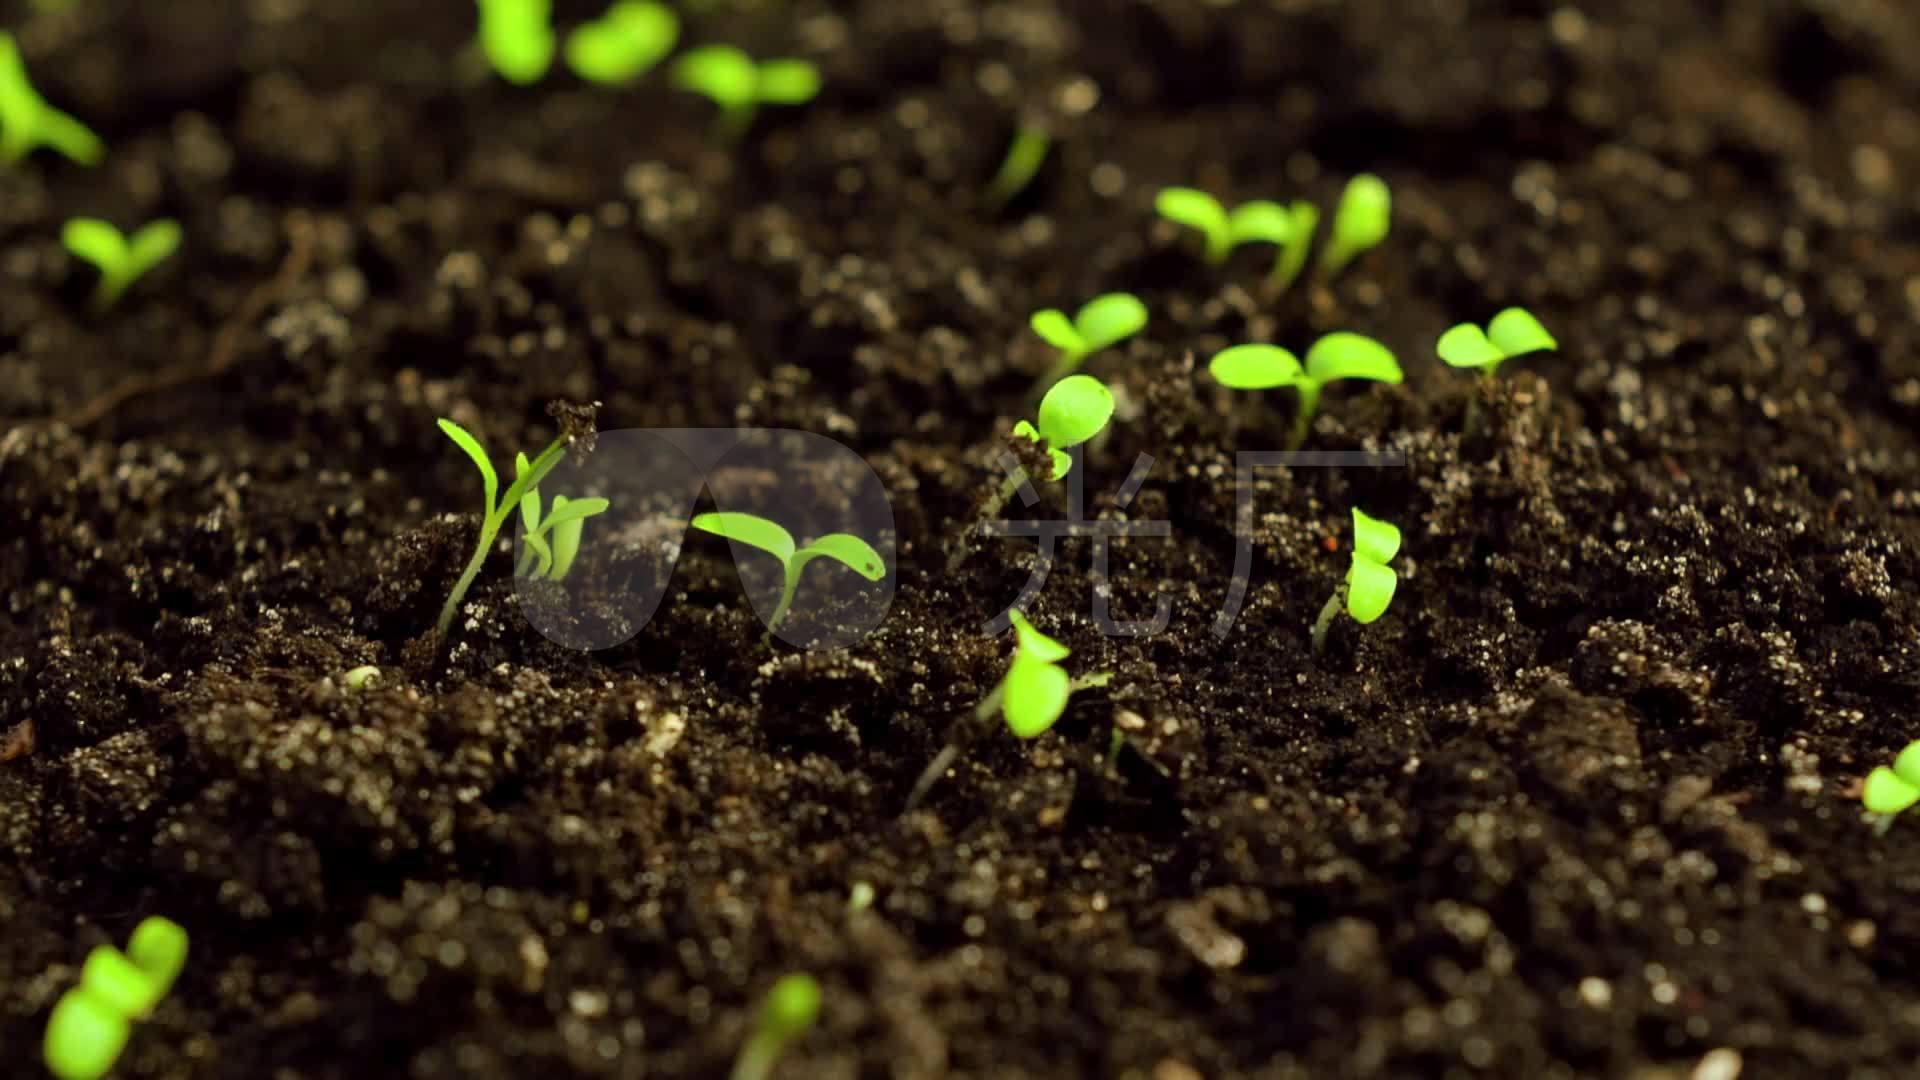 滋润植物小草发芽生长的视频素材_1920x1080_高清视频